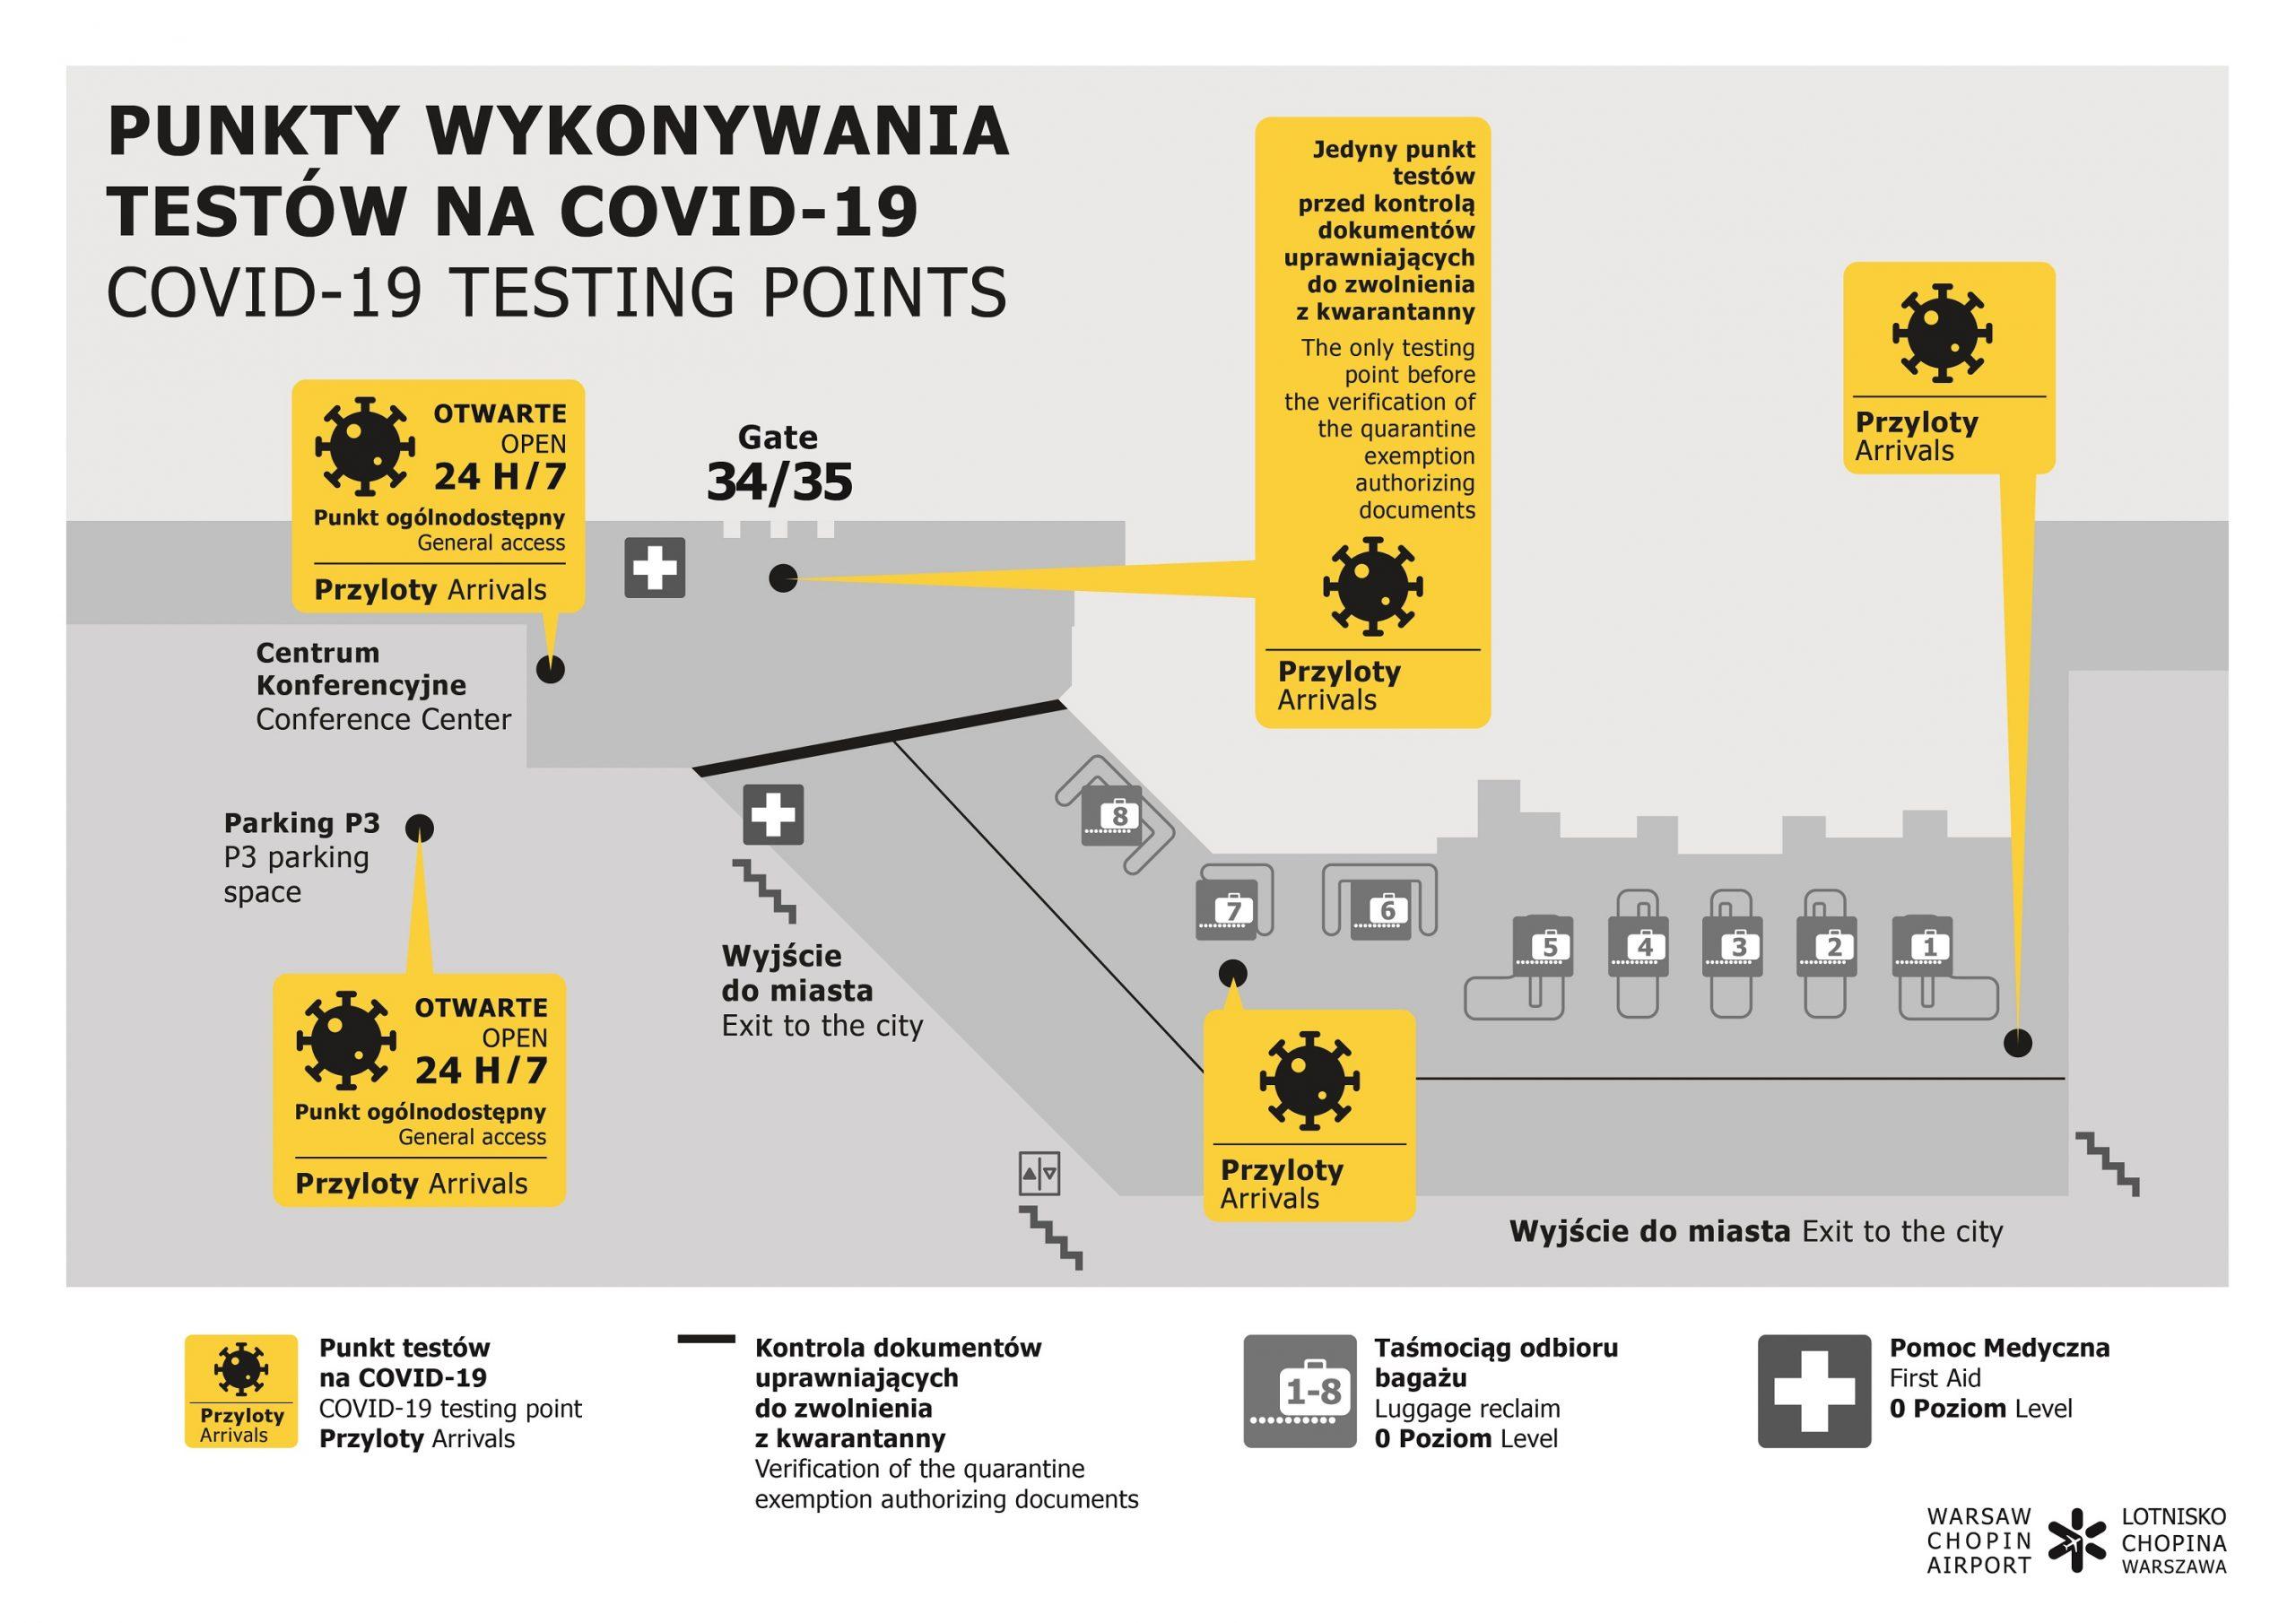 Lotnisko Chopina w Warszawie-Punkty wykonywania testów (mapka)